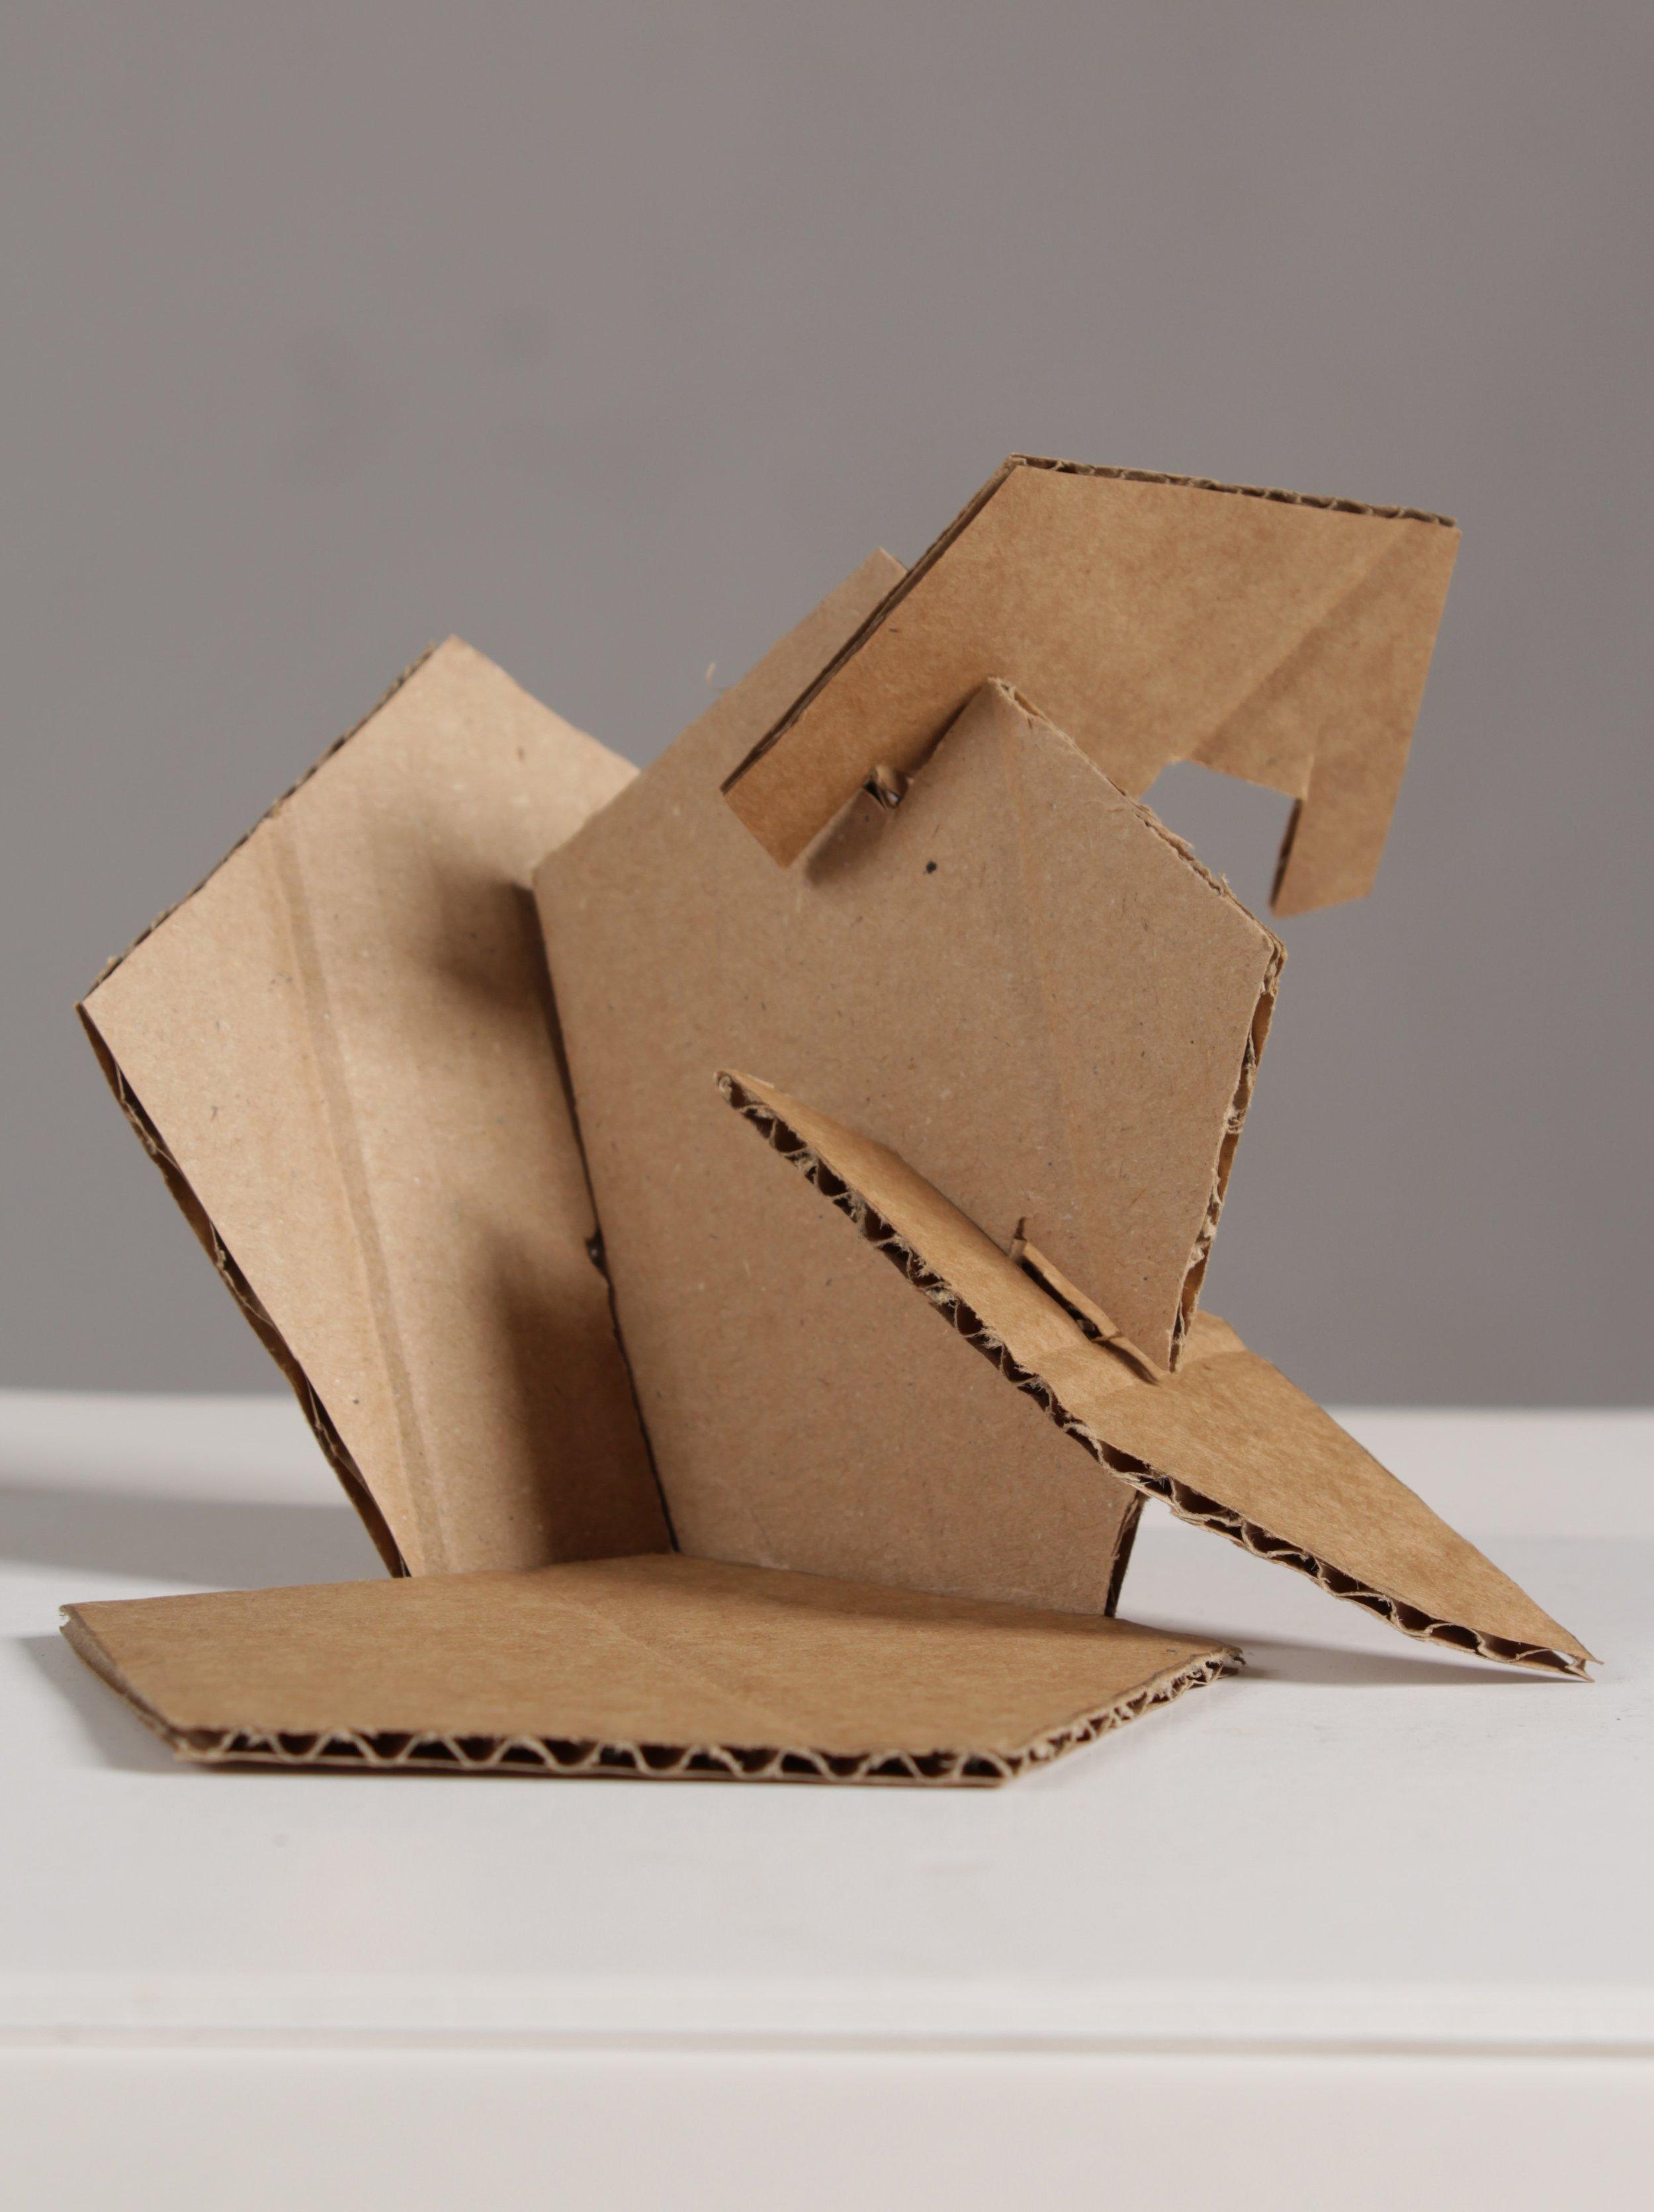 maquette 3 rebecca howson crane away